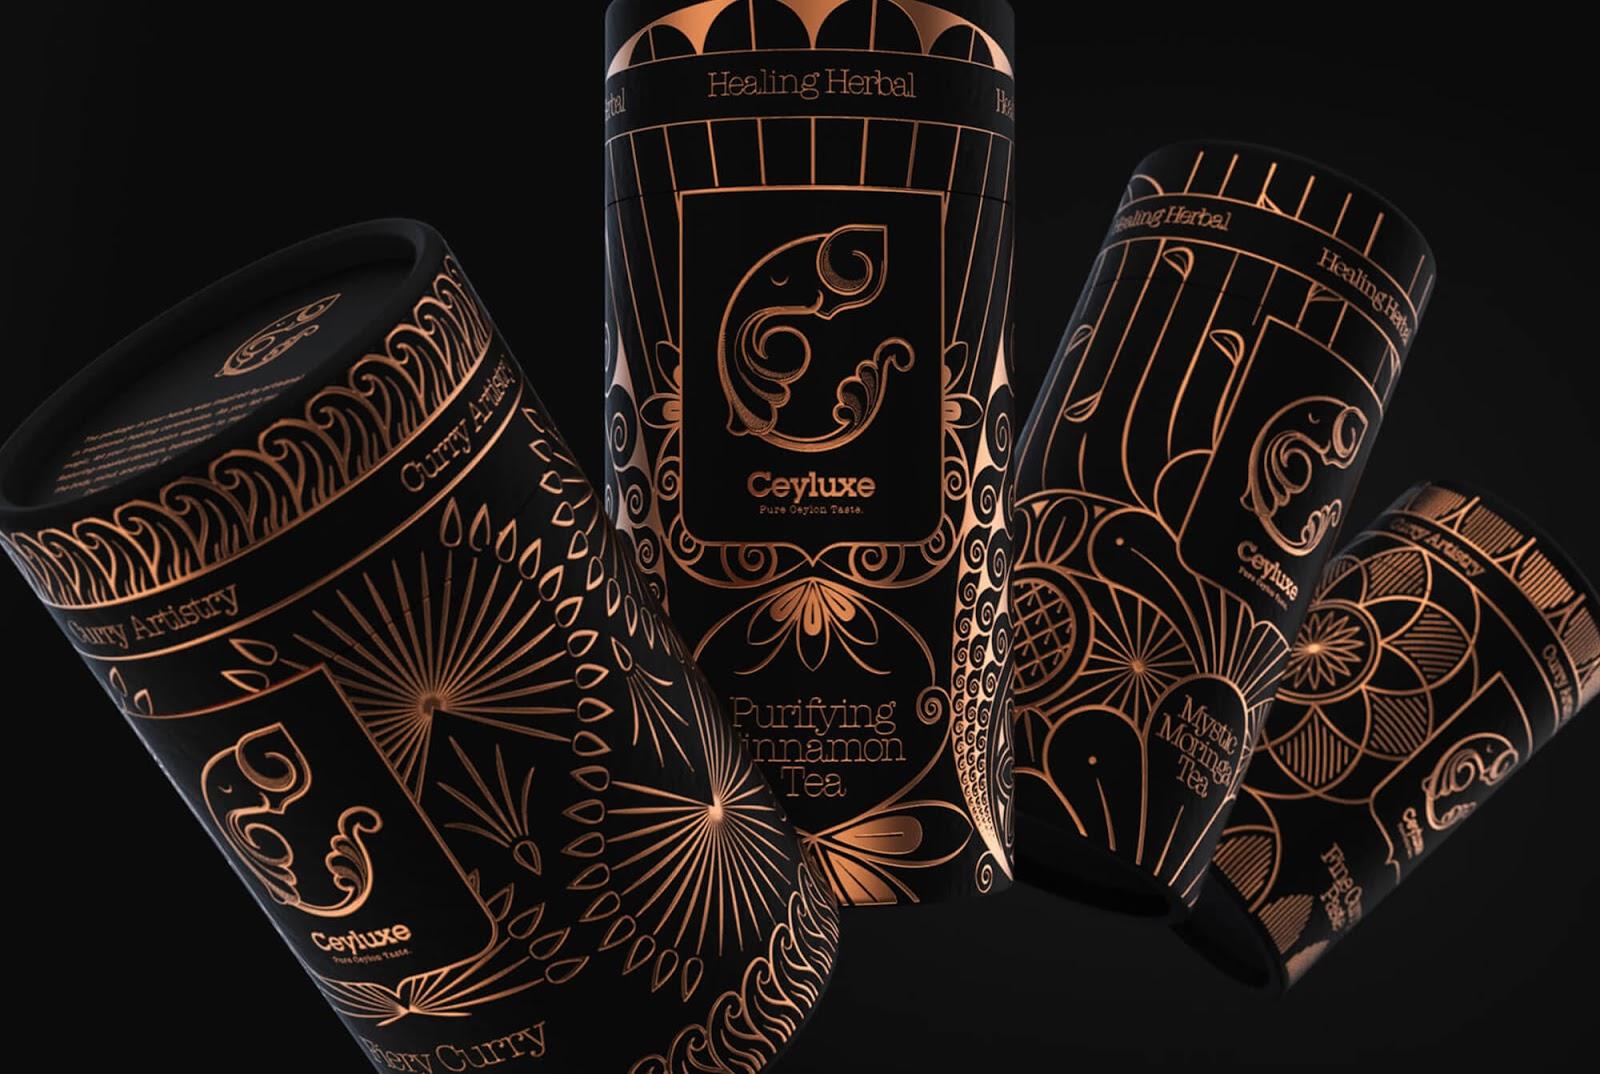 纸罐凉茶包装设计欣赏